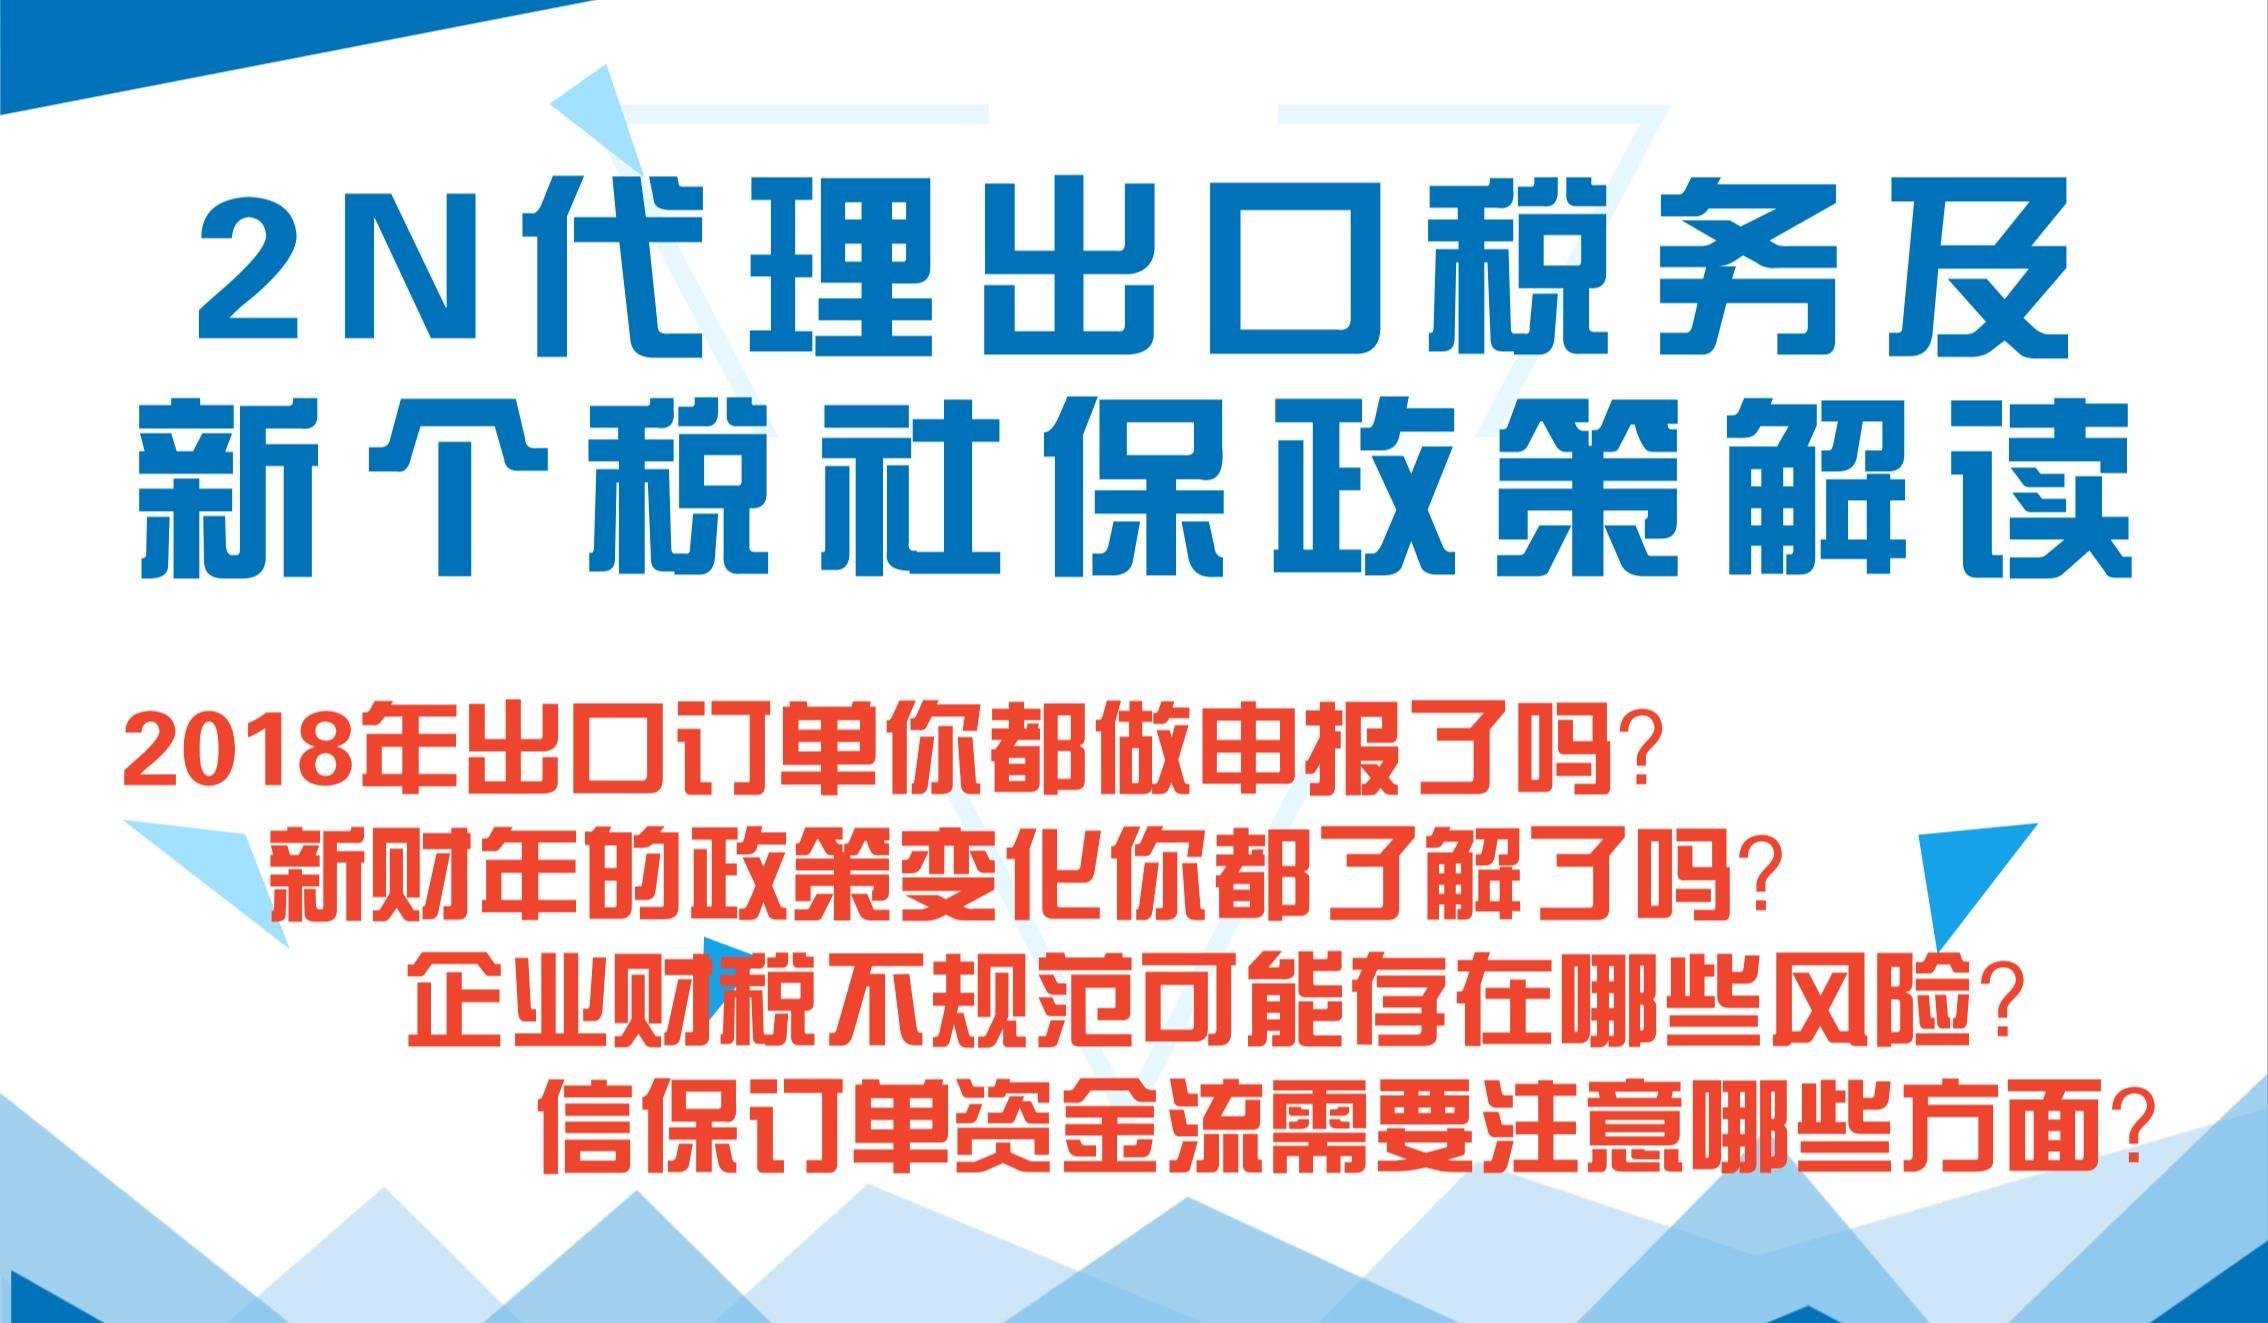 2N代理出口税务及新个税社保政策解读